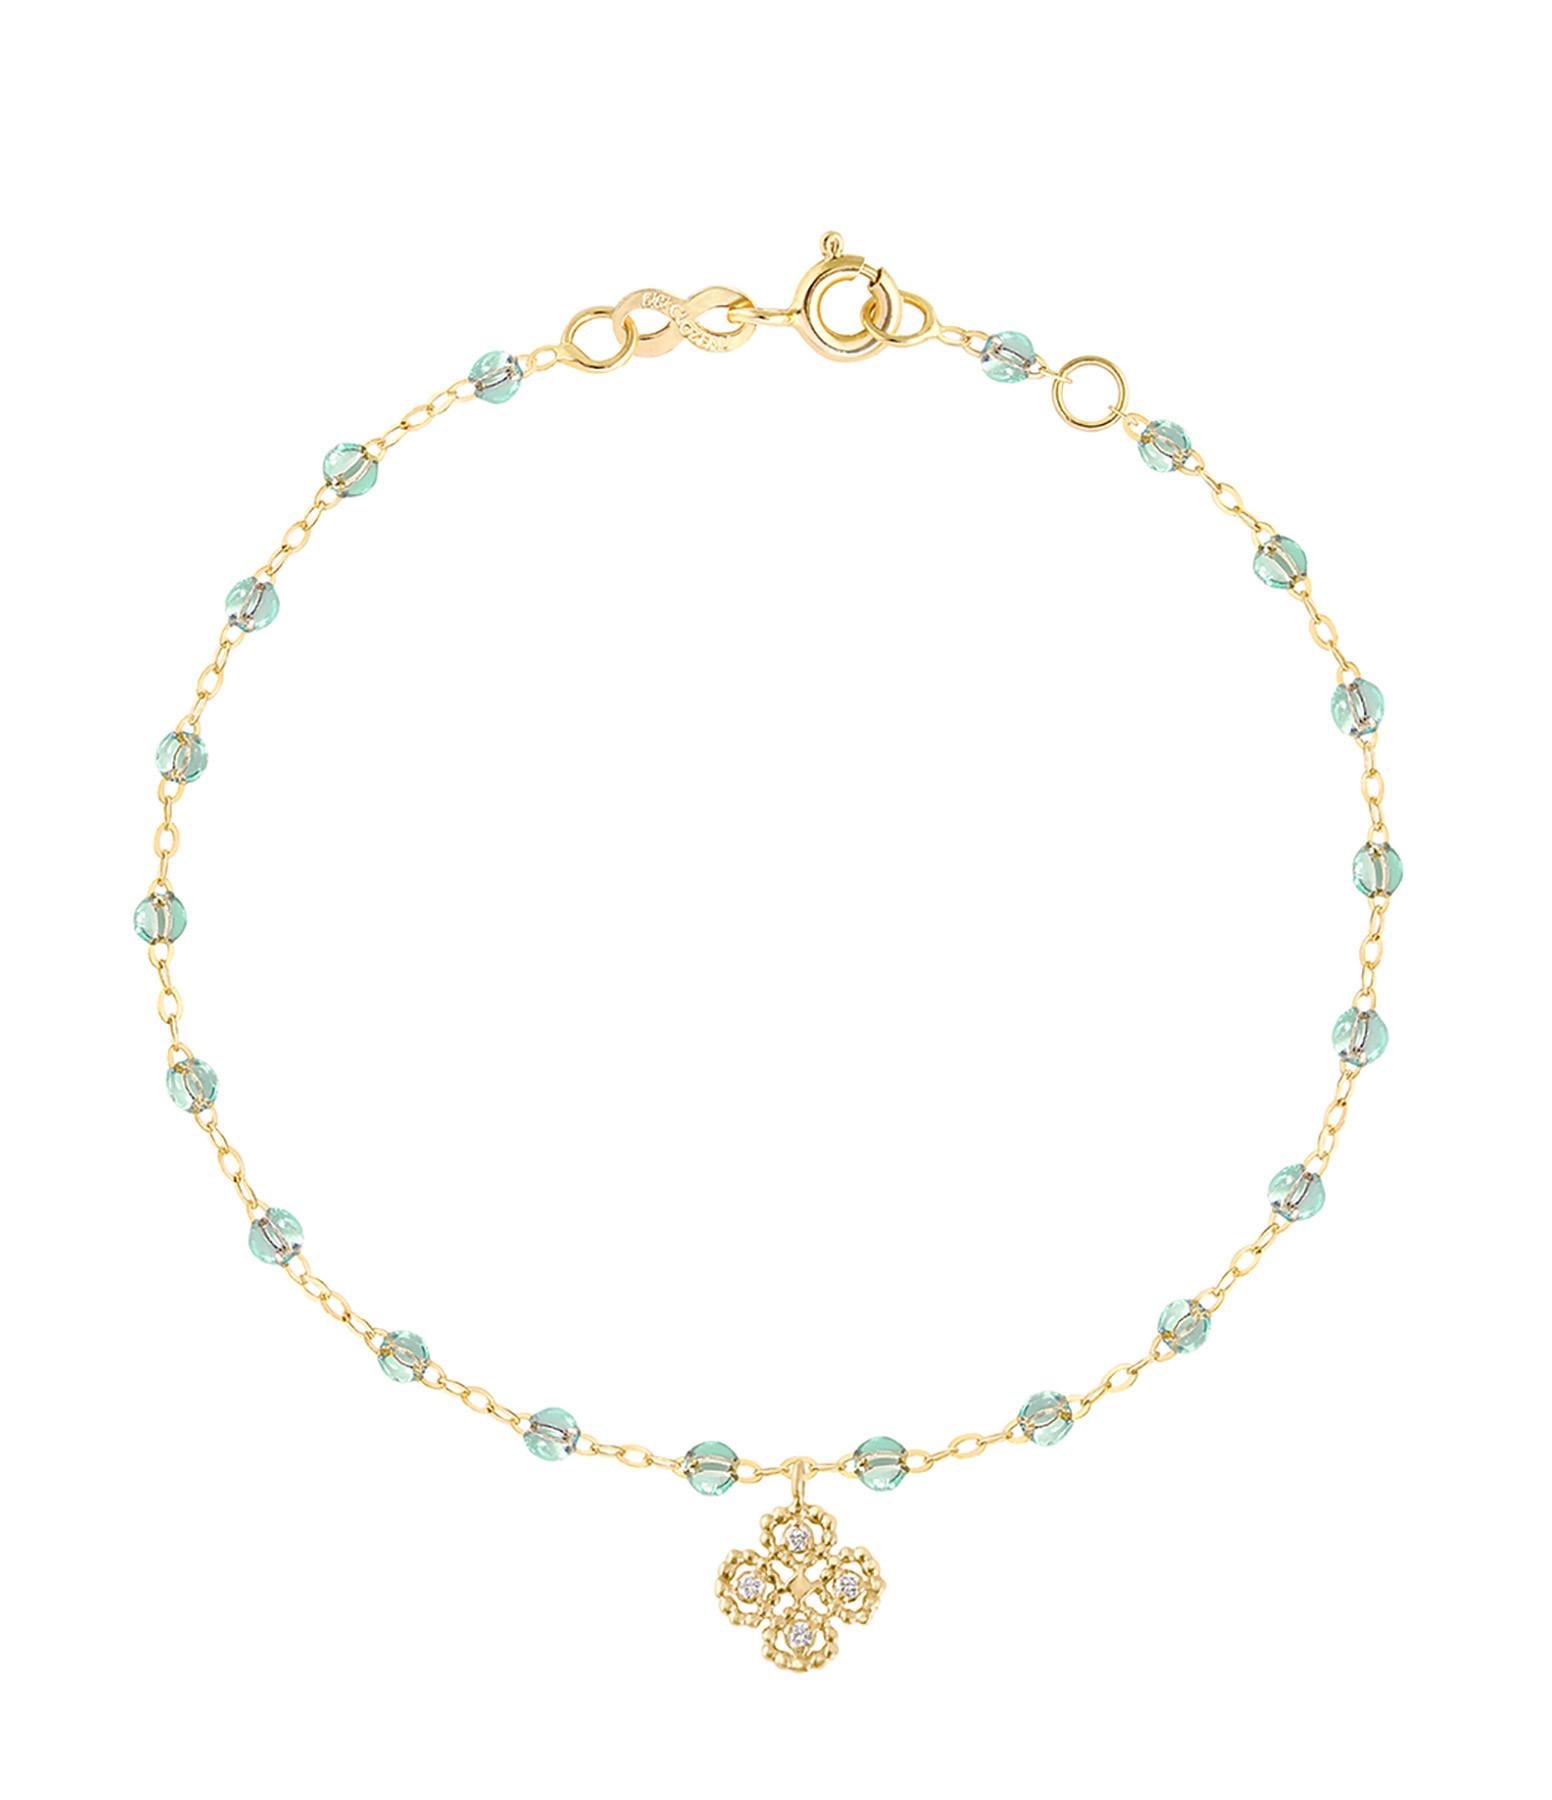 GIGI CLOZEAU - Bracelet Perles Résine Trèfle Or